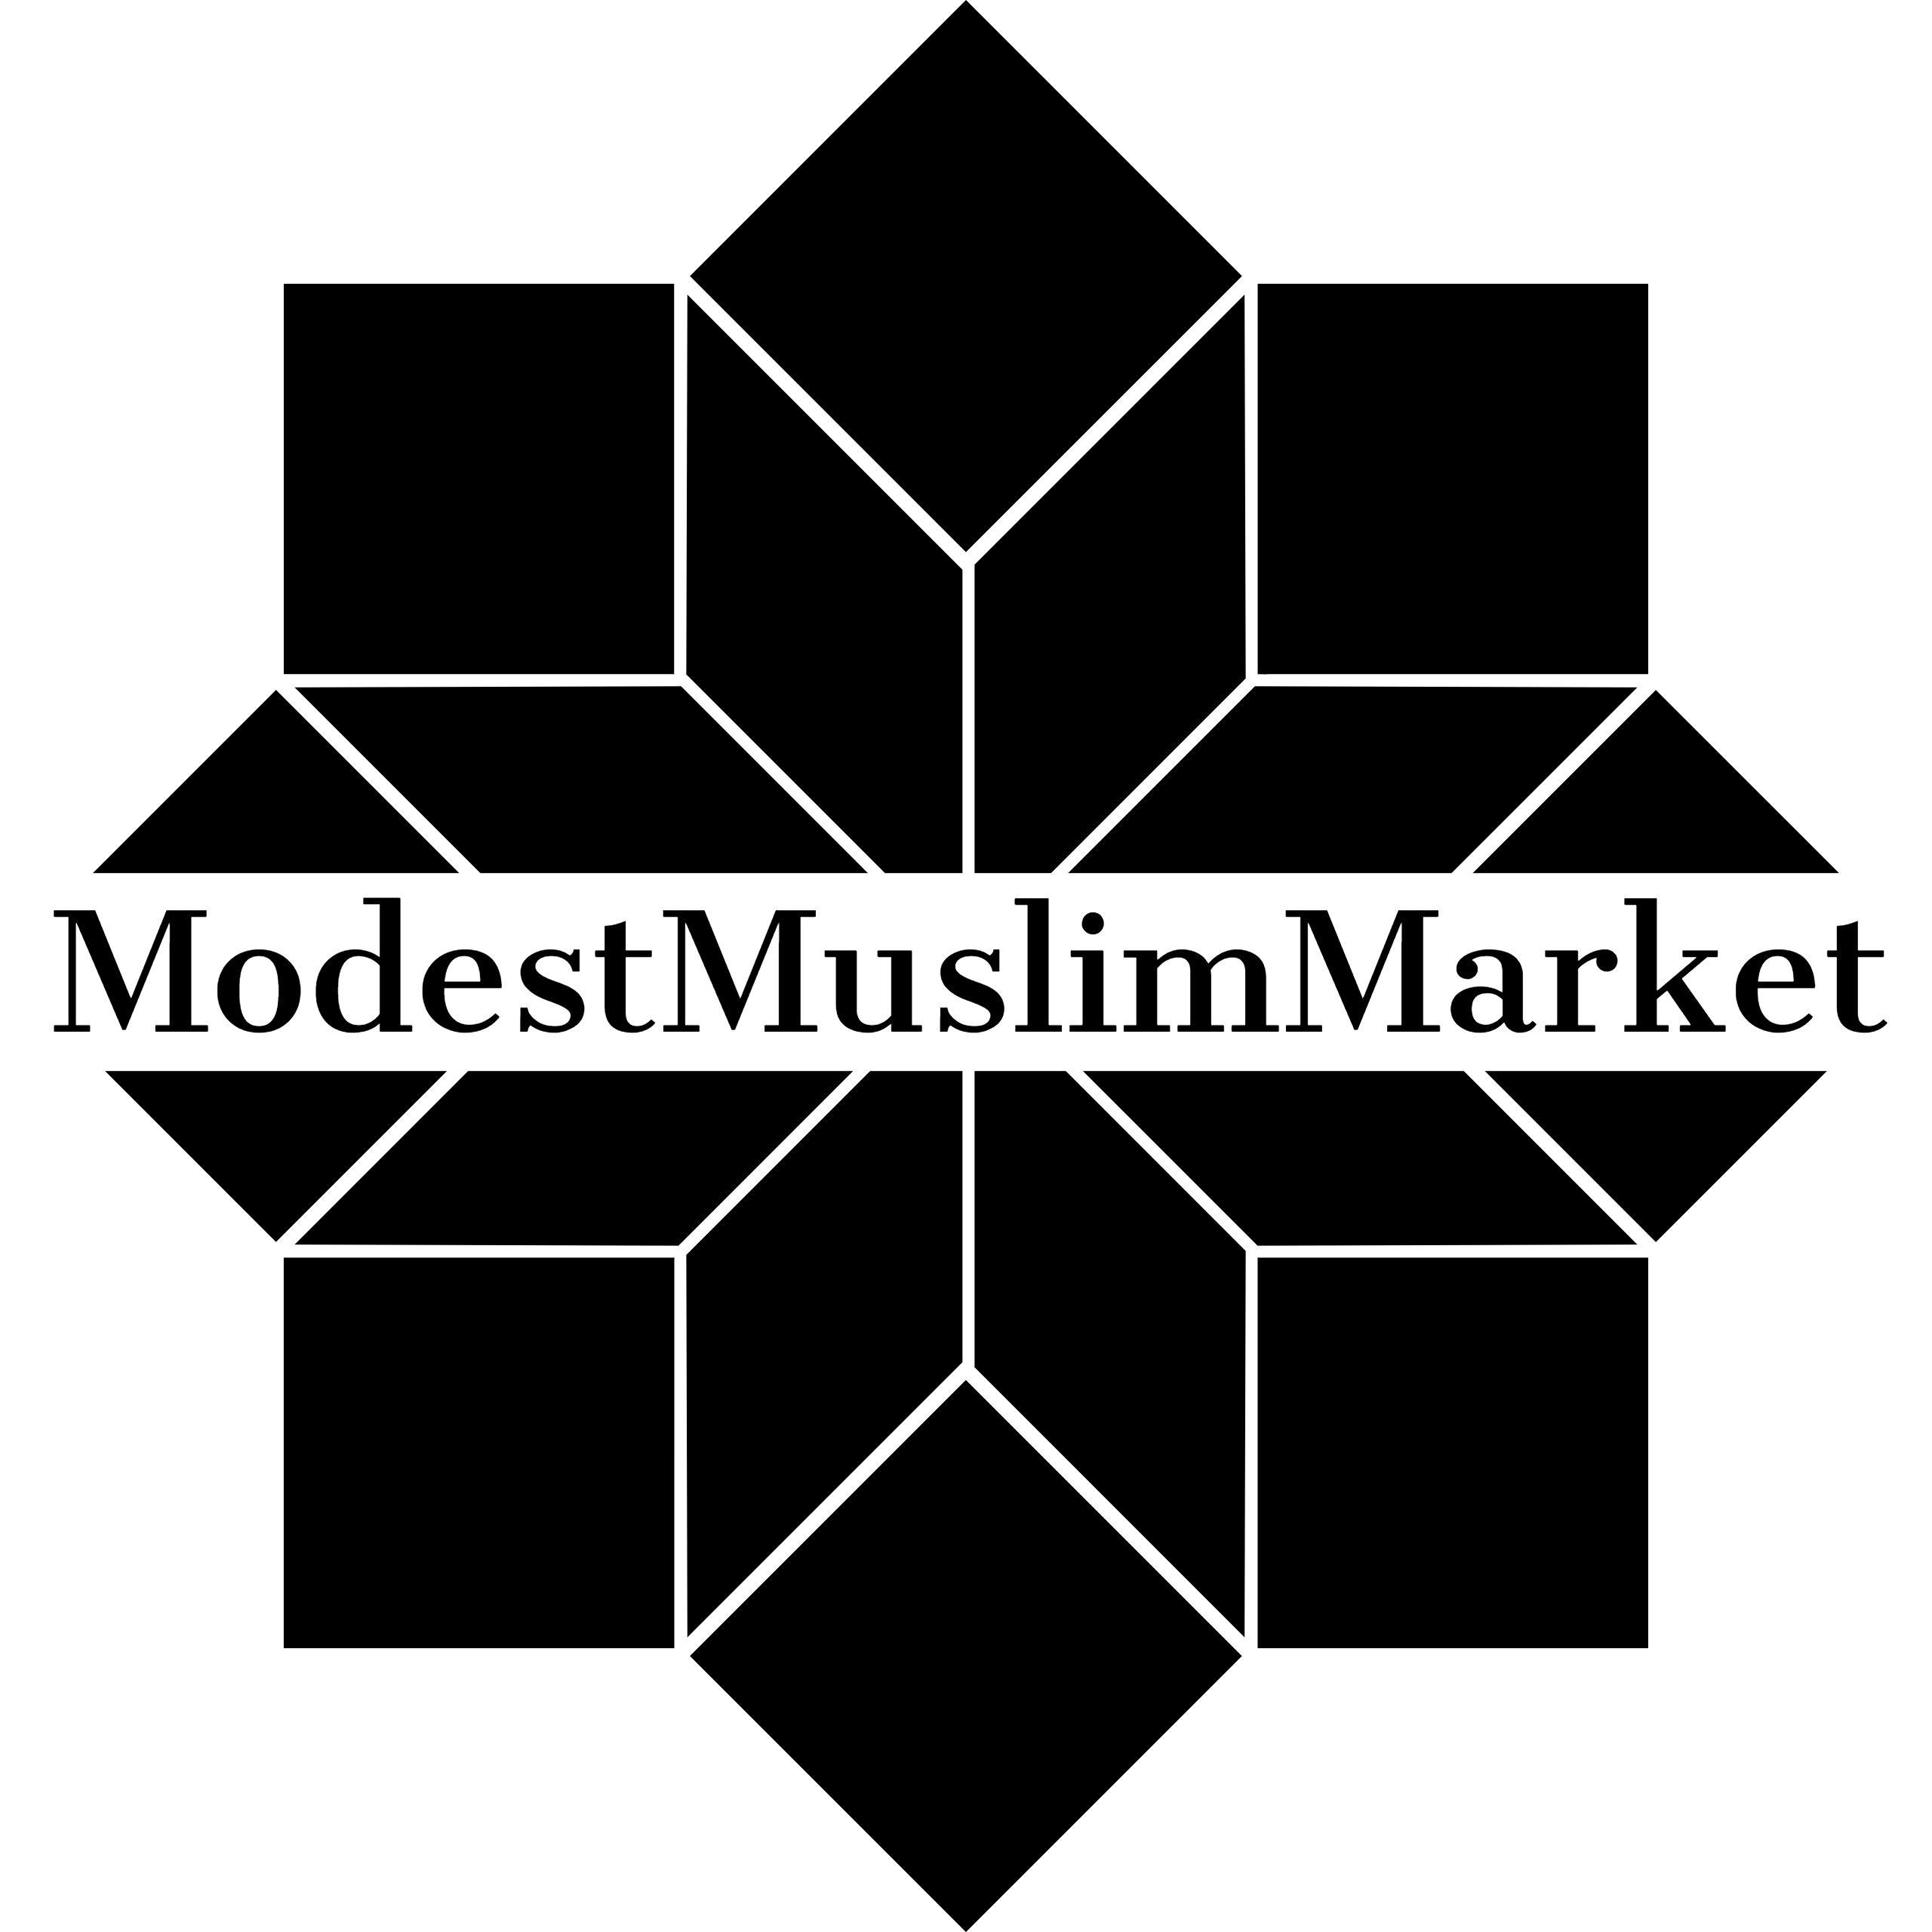 Modest Muslim Market